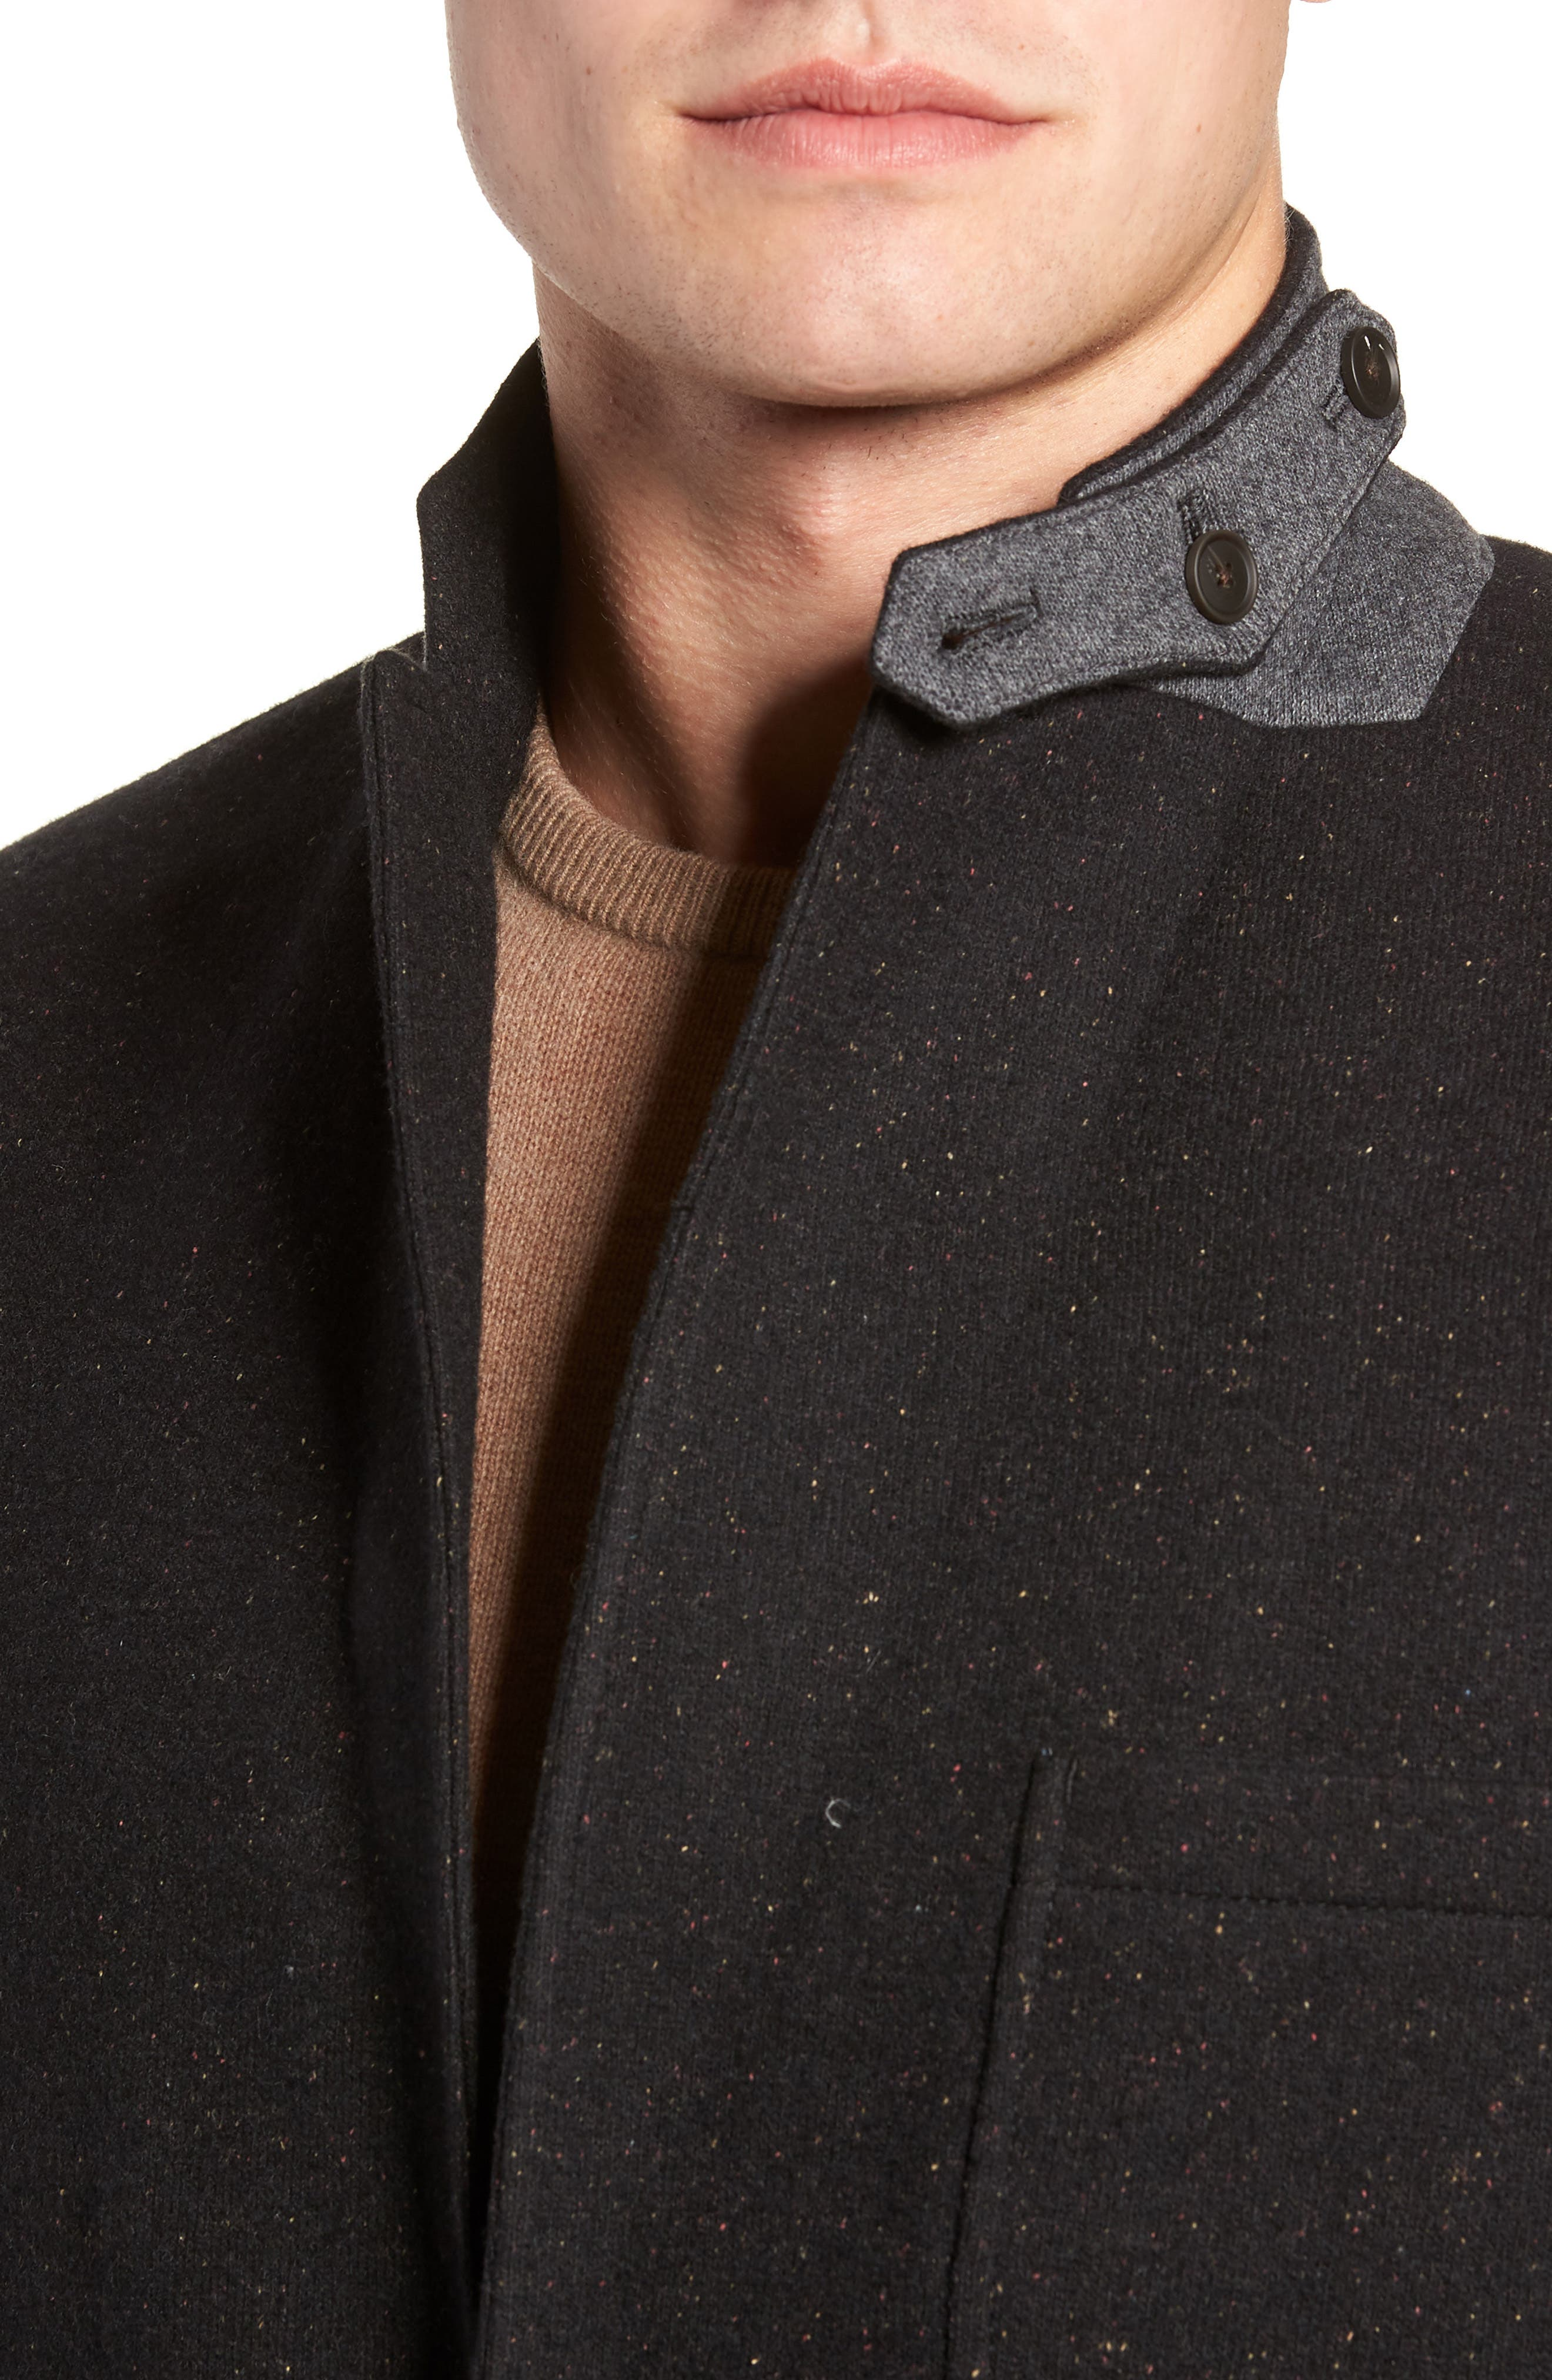 White Solid Cotton Blend Sport Coat,                             Alternate thumbnail 4, color,                             BLACK